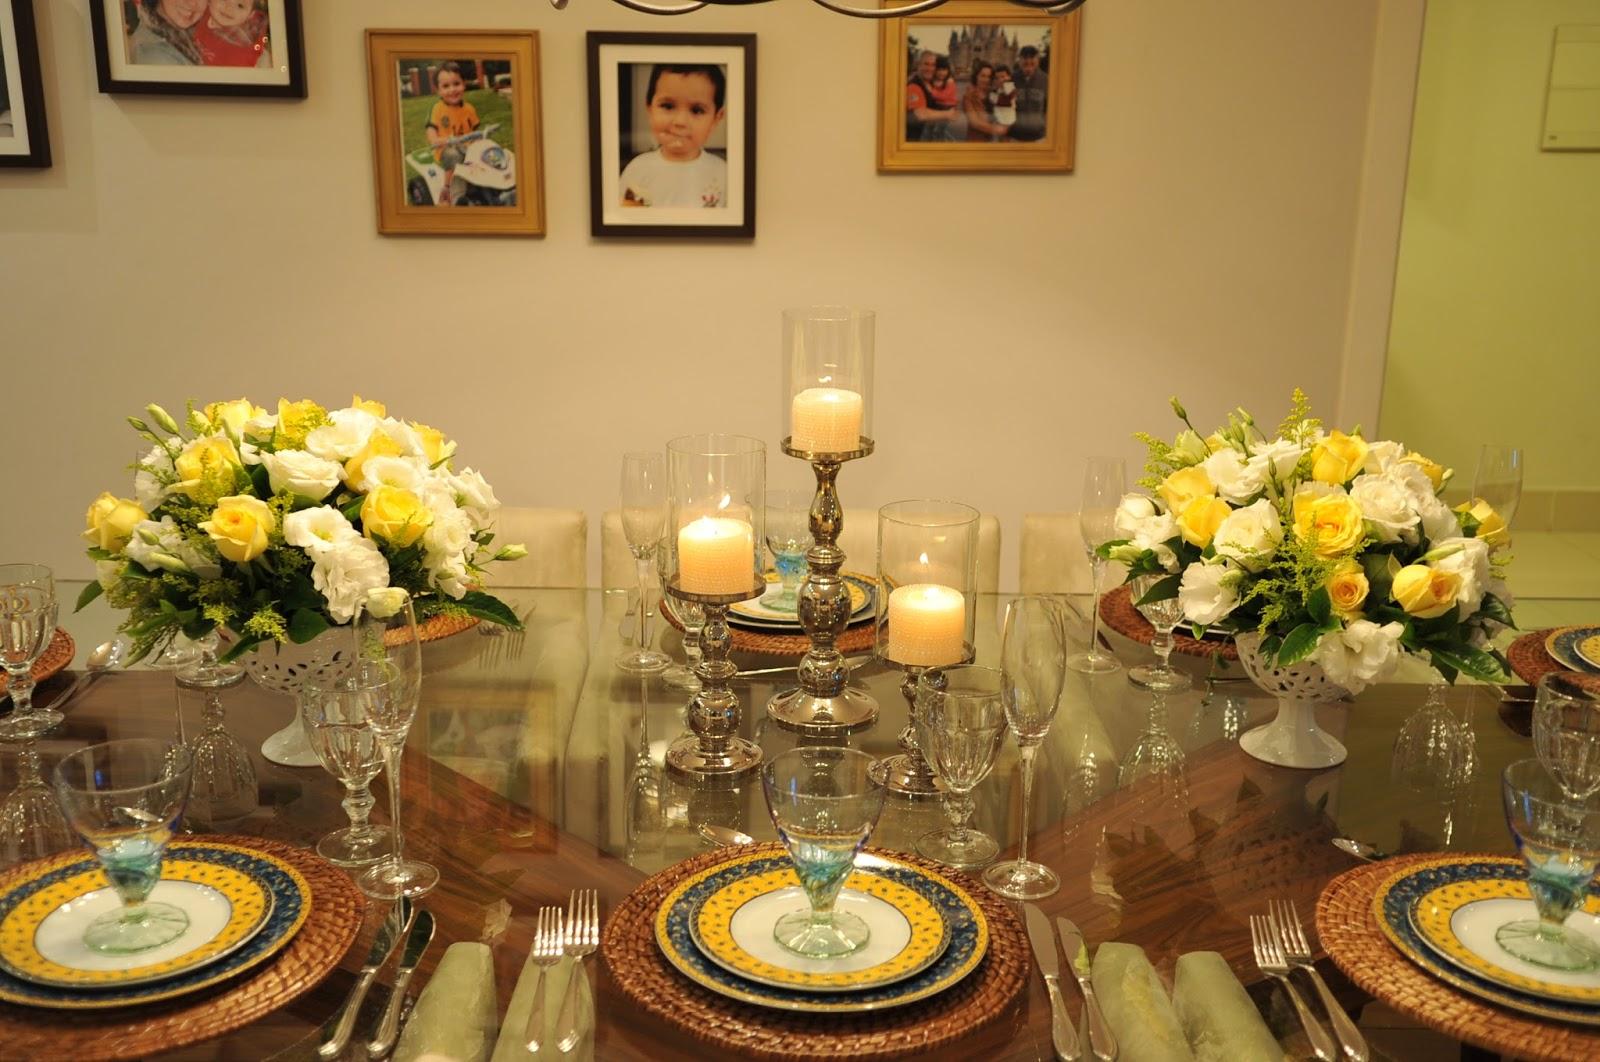 de jantar. Mas eles ficaram lindos na mesa! E a luz de velas deu um #BA9311 1600x1062